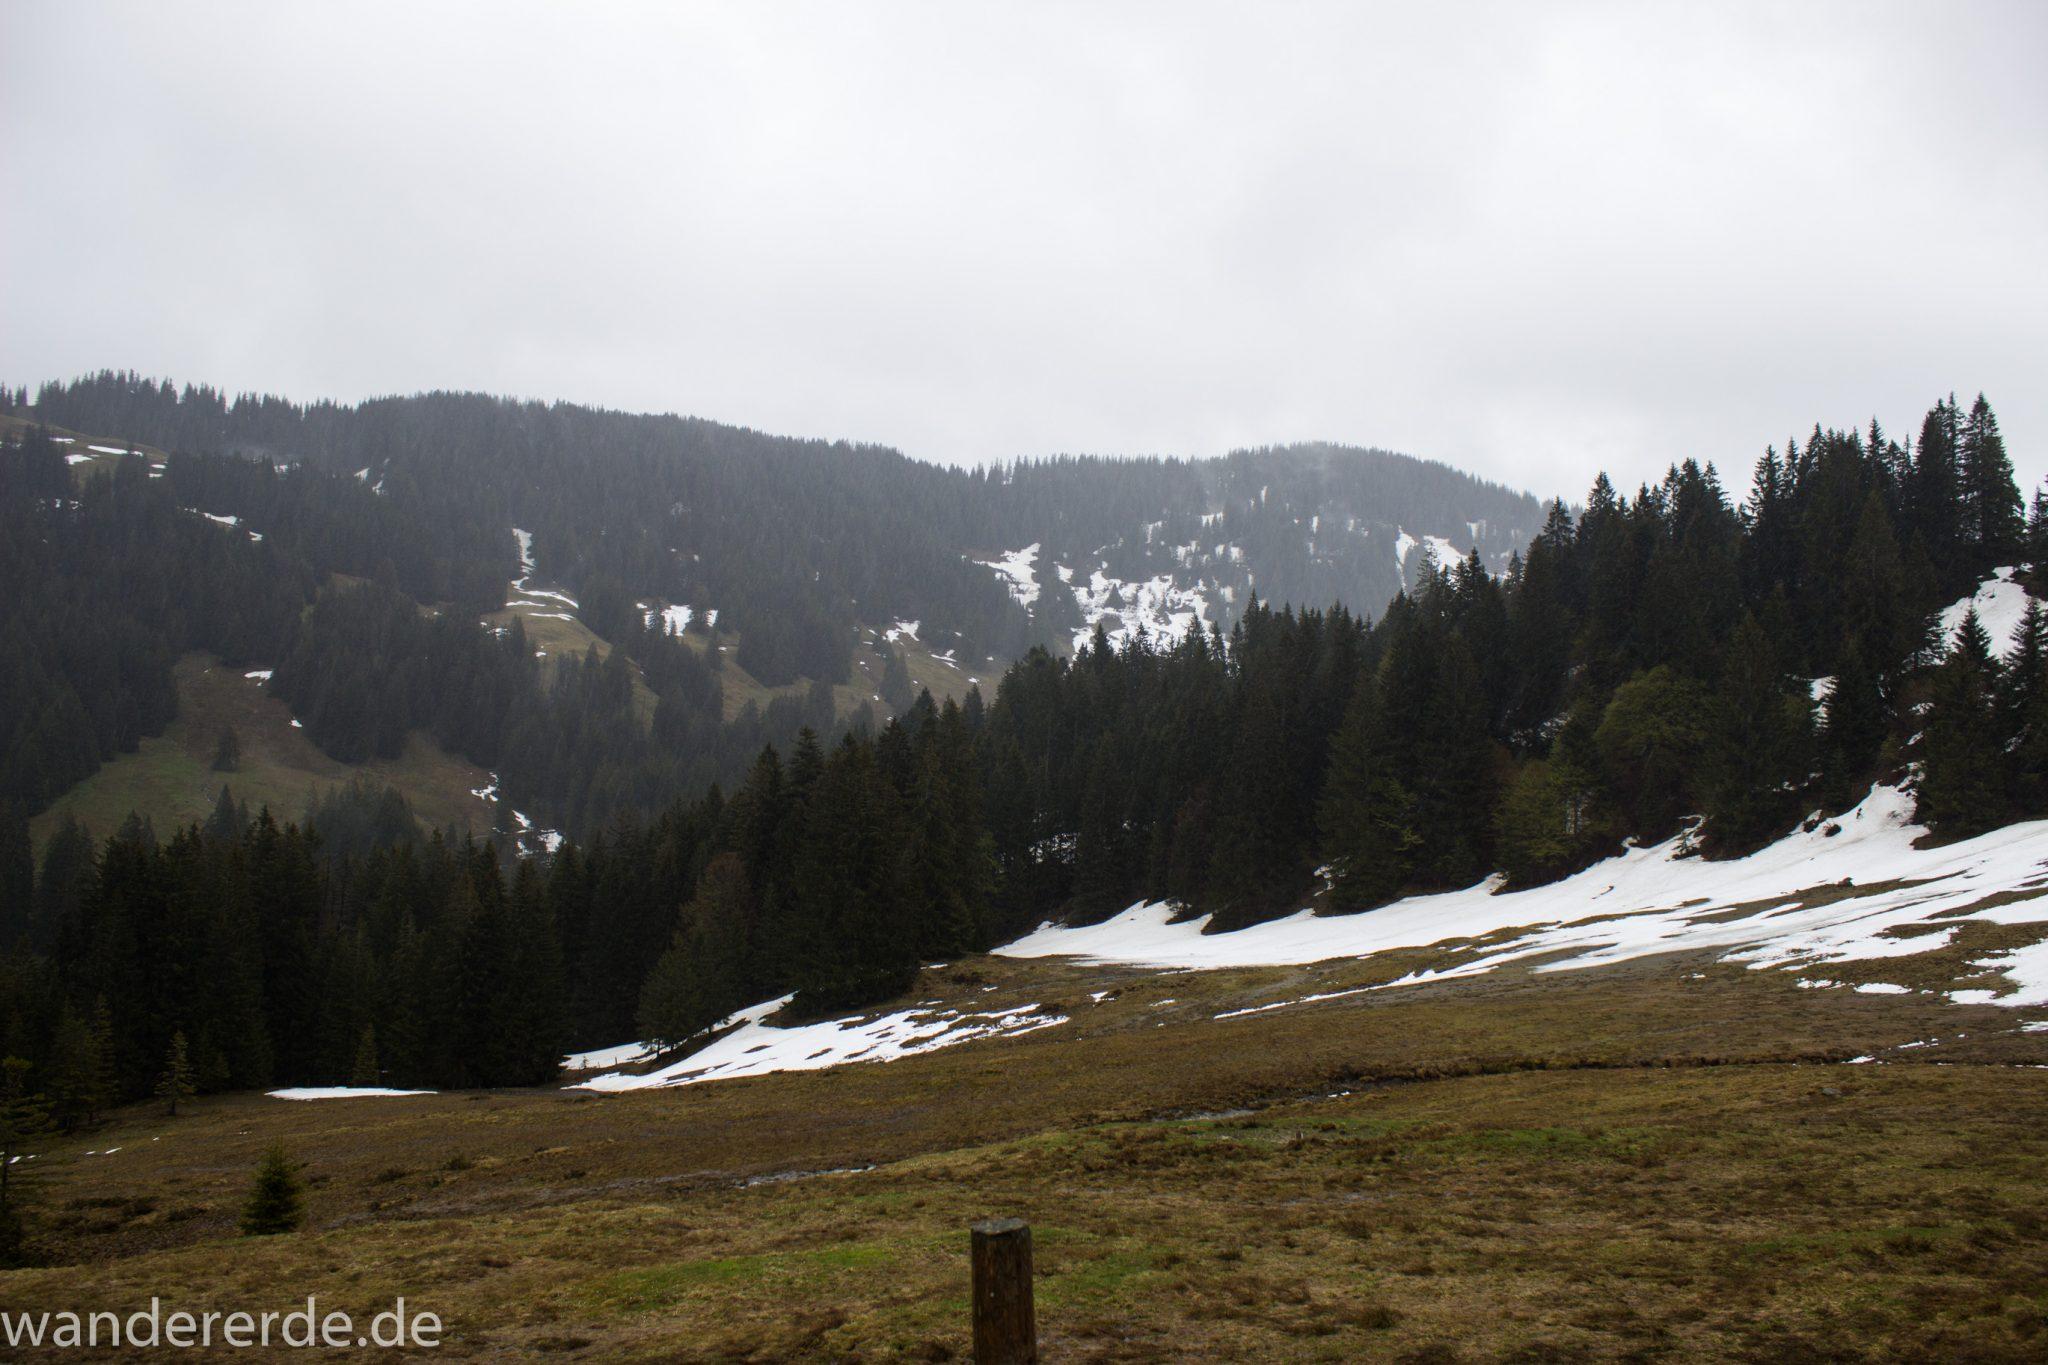 Wandern Gunzesrieder Ostertal im Allgäu, Baden-Württemberg, Obere Älple, viel Regen, dunkle Wolken, Schnee im Mai, saftig grüner Wald